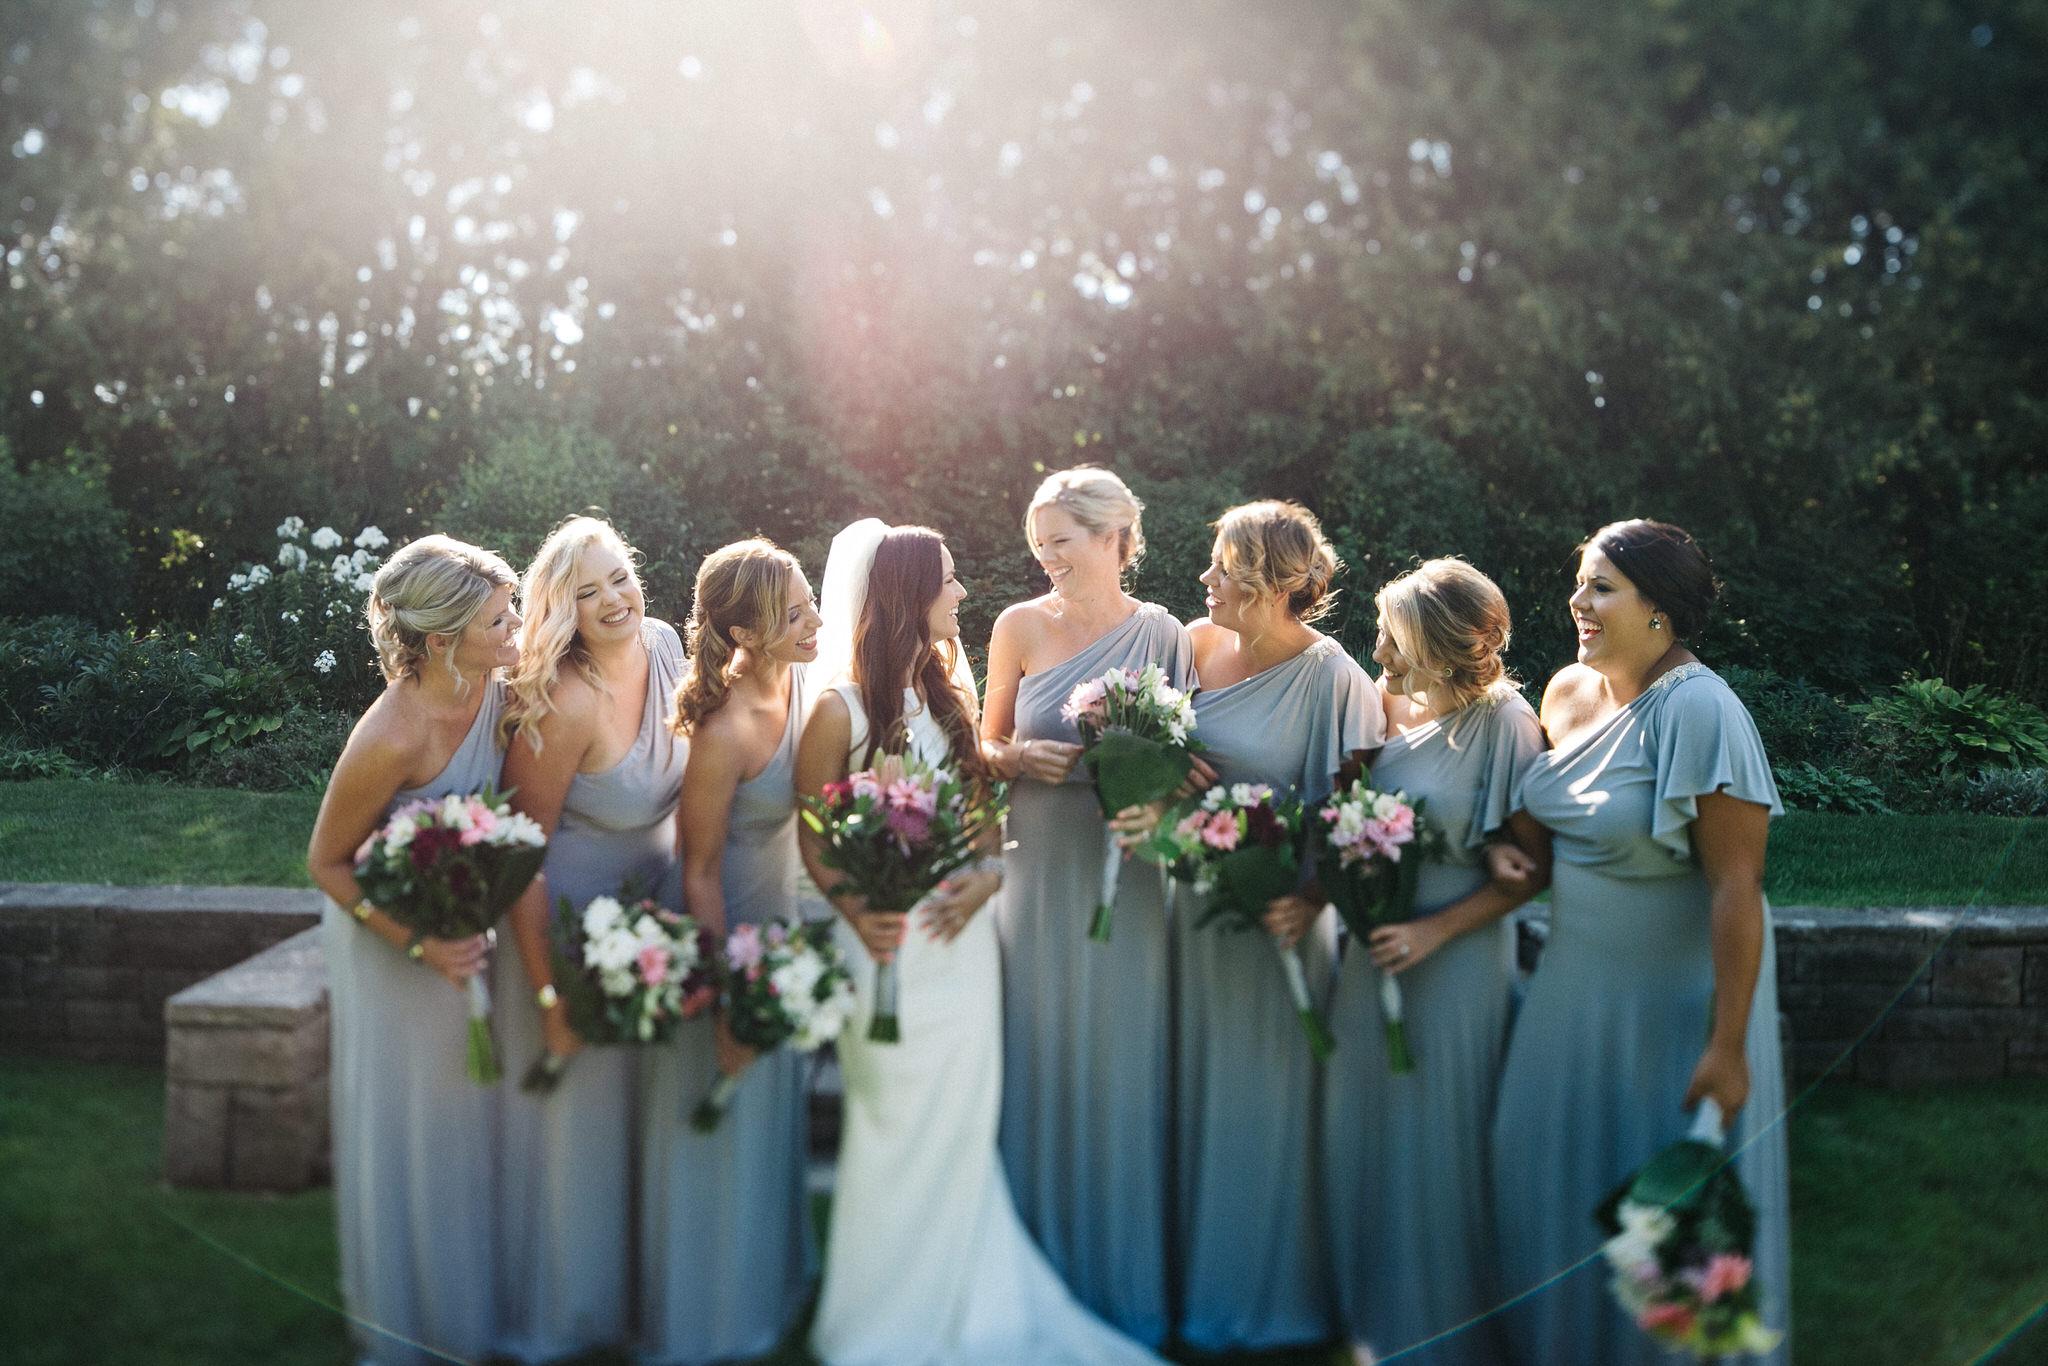 St. George Anglican Oshawa, Toronto wedding photographer, parkwood estates oshawa, tilt shift, lens flare, bridesmaids